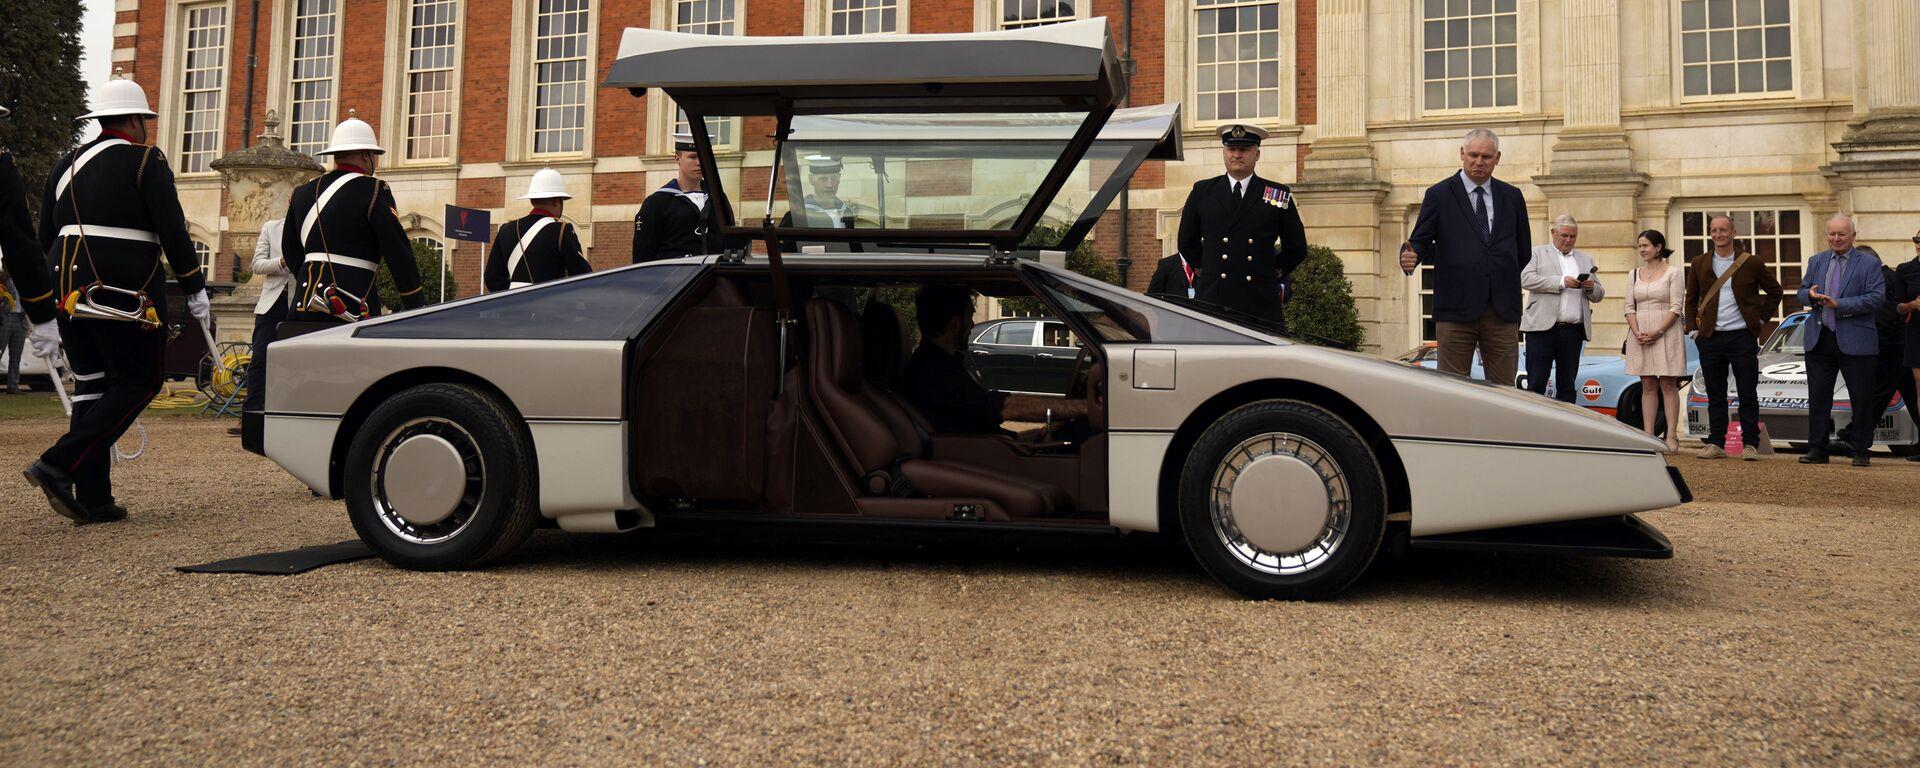 1979 Aston Martin Bulldog Concept presentato nel Regno Unito - Sputnik Mondo, 1920, 09/11/2021